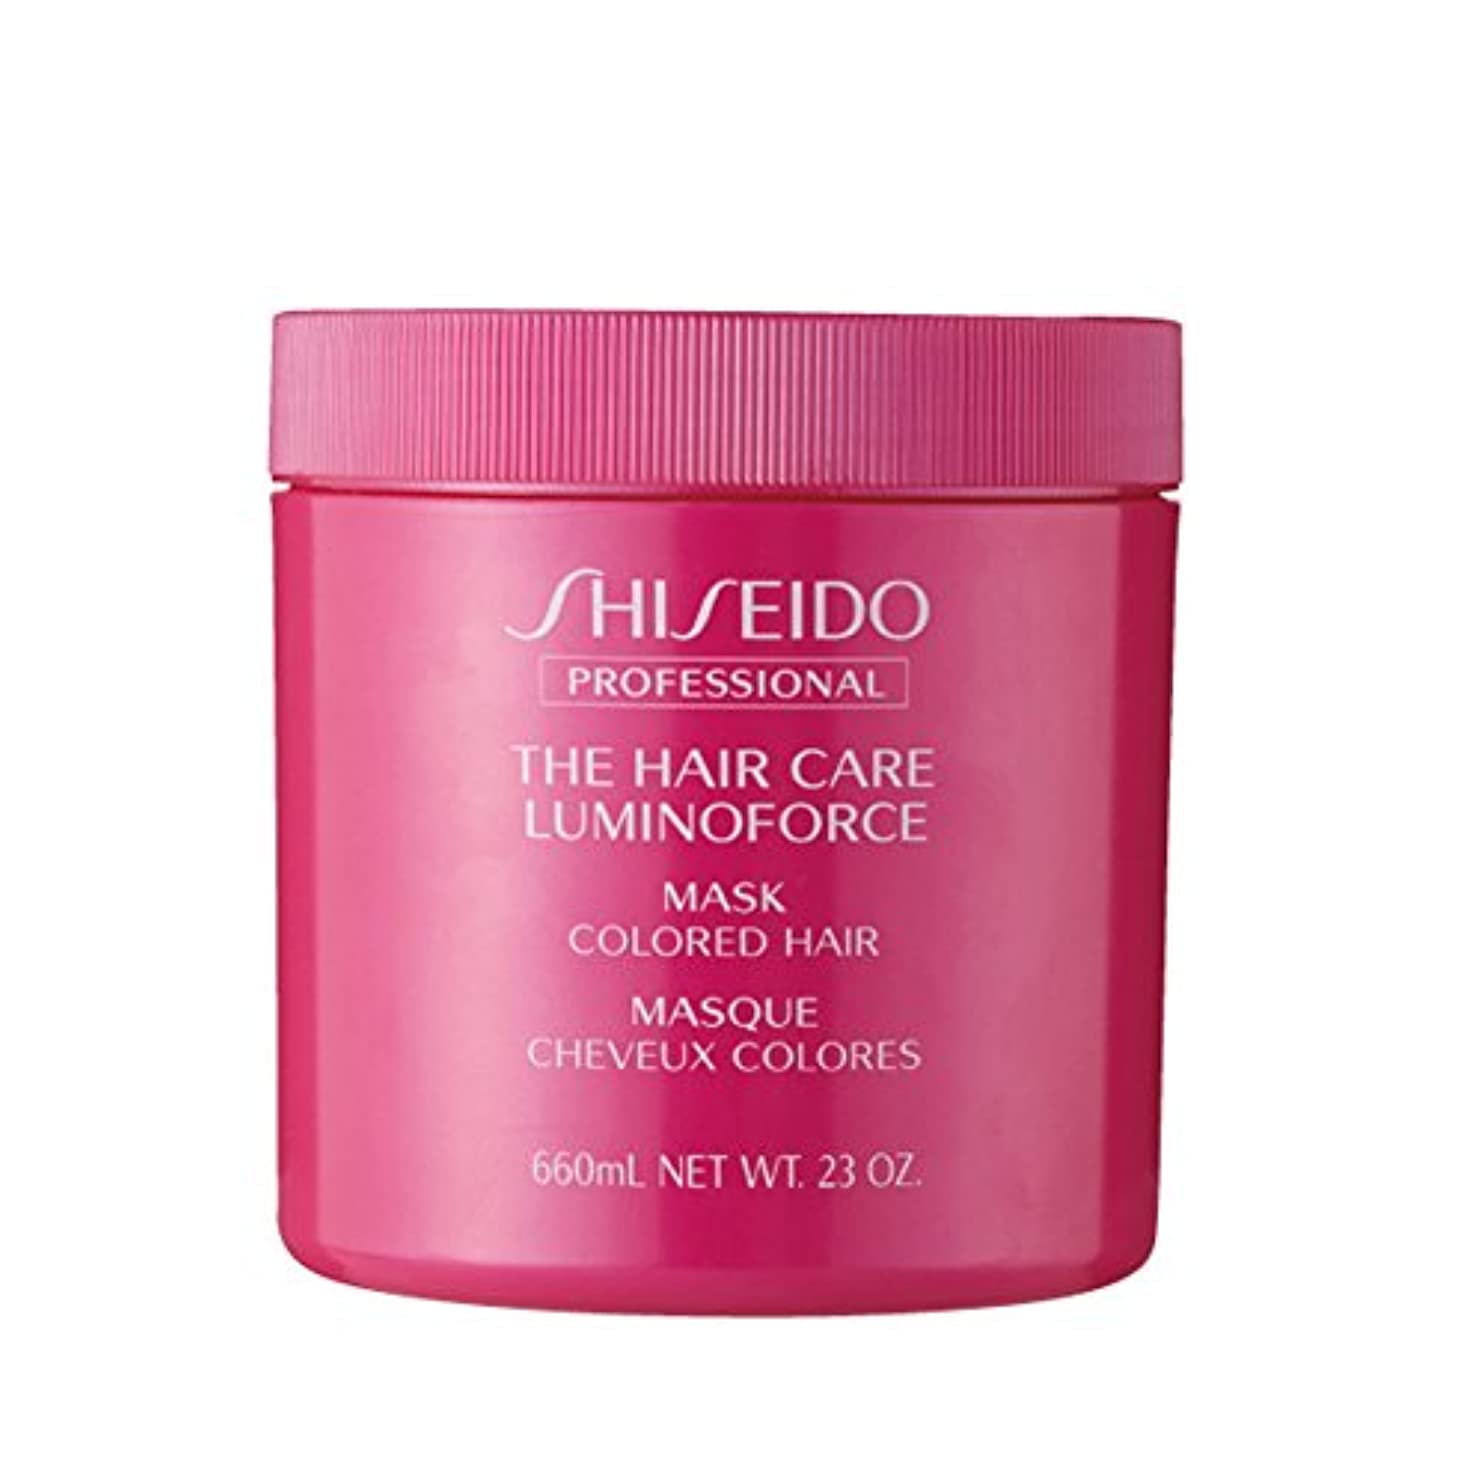 トレーダースリンクバインド資生堂 THC ルミノフォースマスク 680g ×2個 セットヘアカラーを繰り返したごわついた髪を、芯からしなやかでつややかな髪へSHISEIDO LUMINOFORCE